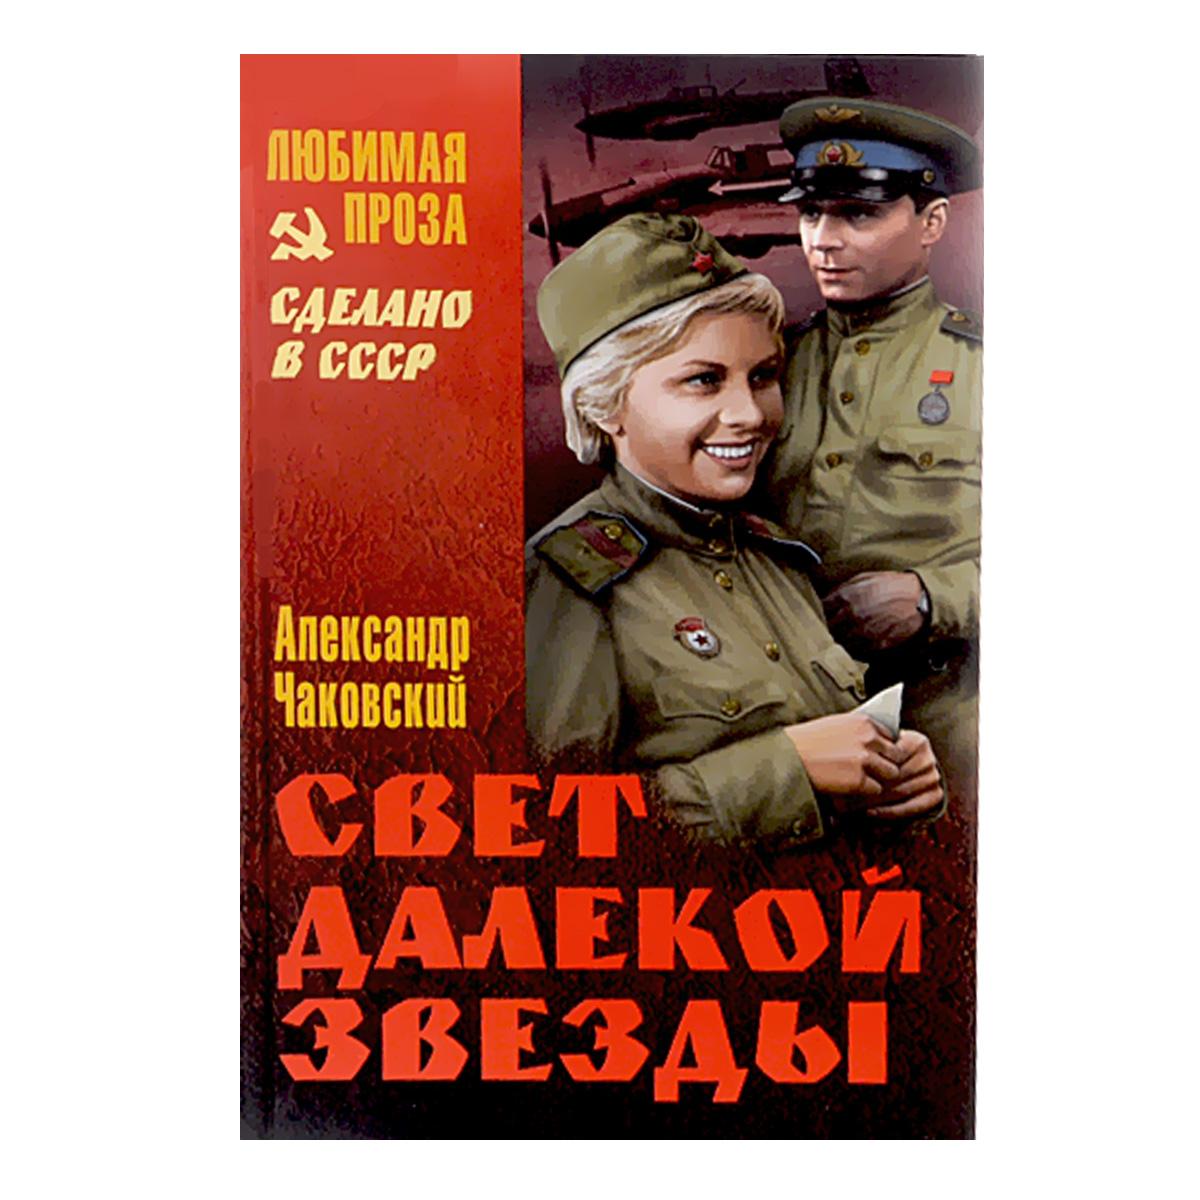 Александр Чаковский Свет далекой звезды купить шеврале в нижнем новгороде